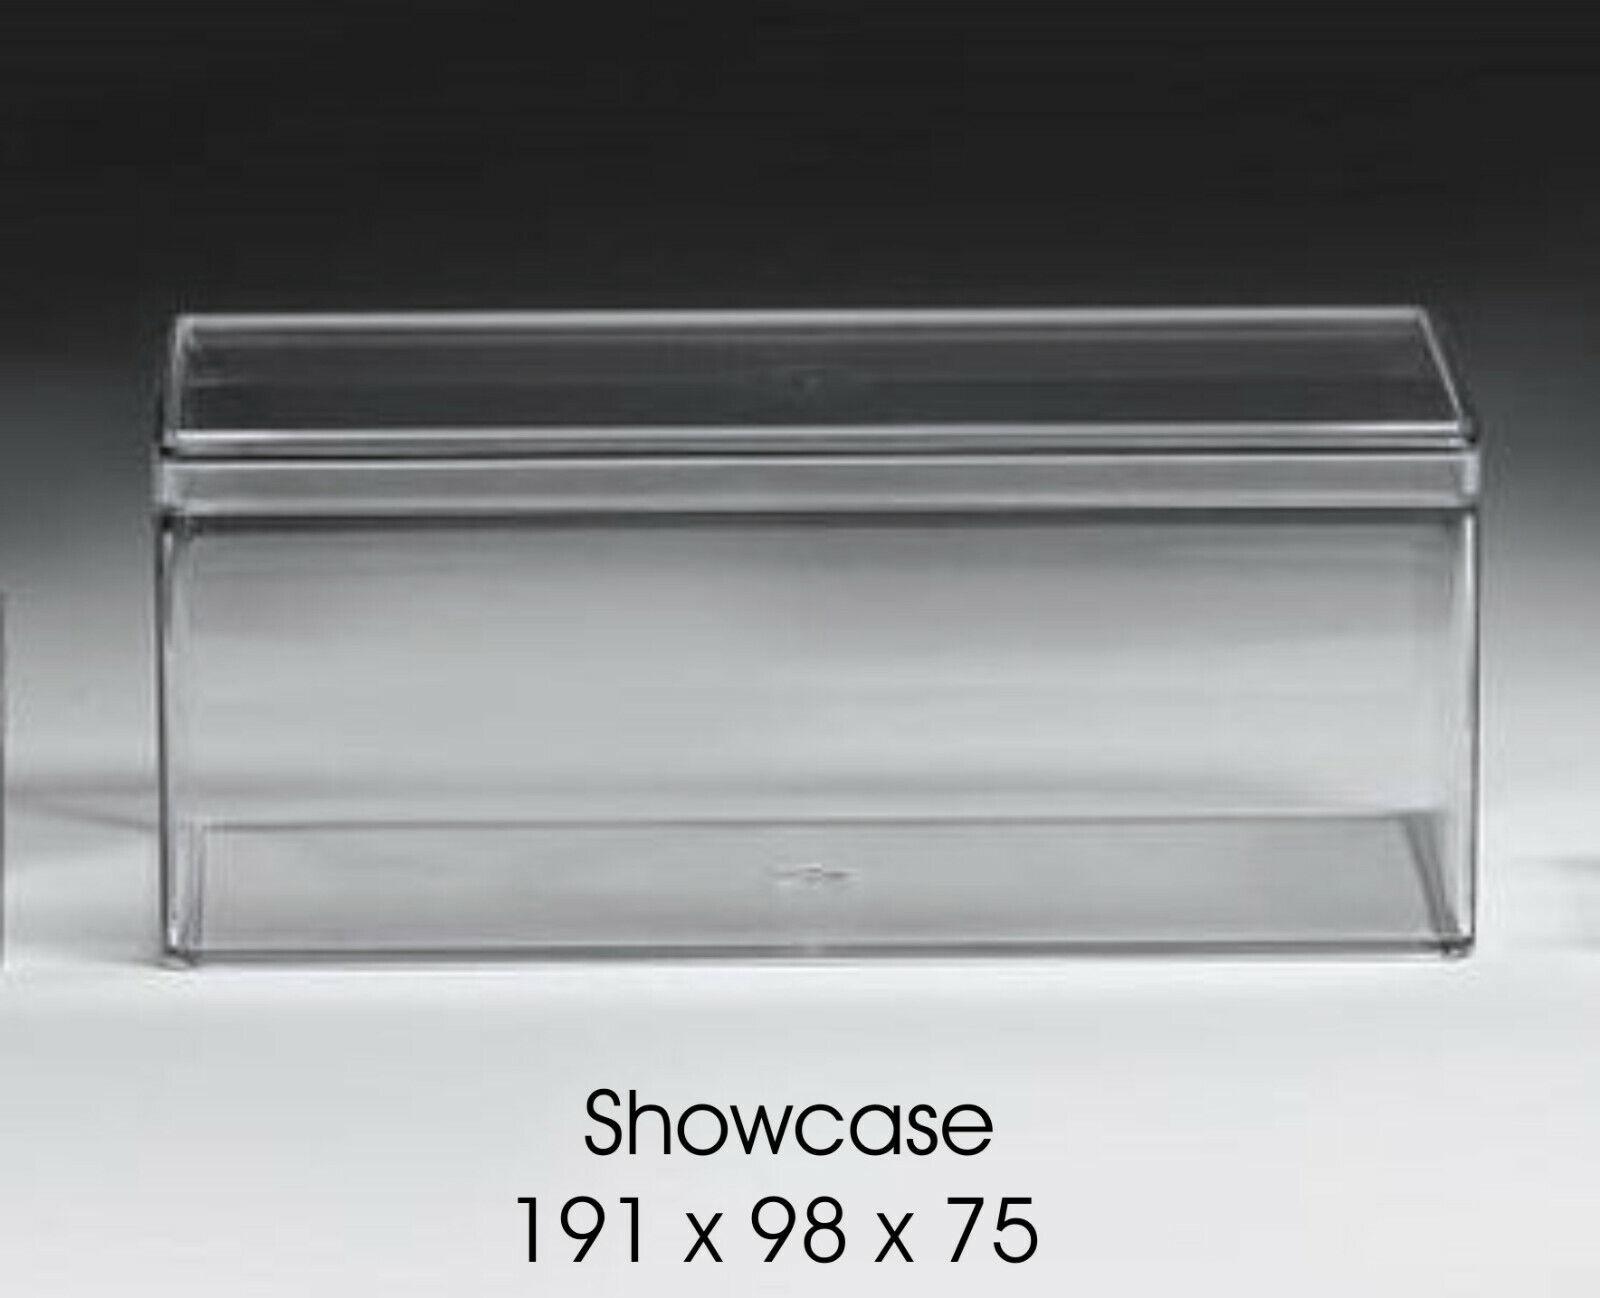 Showcase  la boîte de présentation Vitrine Acrylique 1 43 - 1 24 NEUF 42 pièce  nouveau style